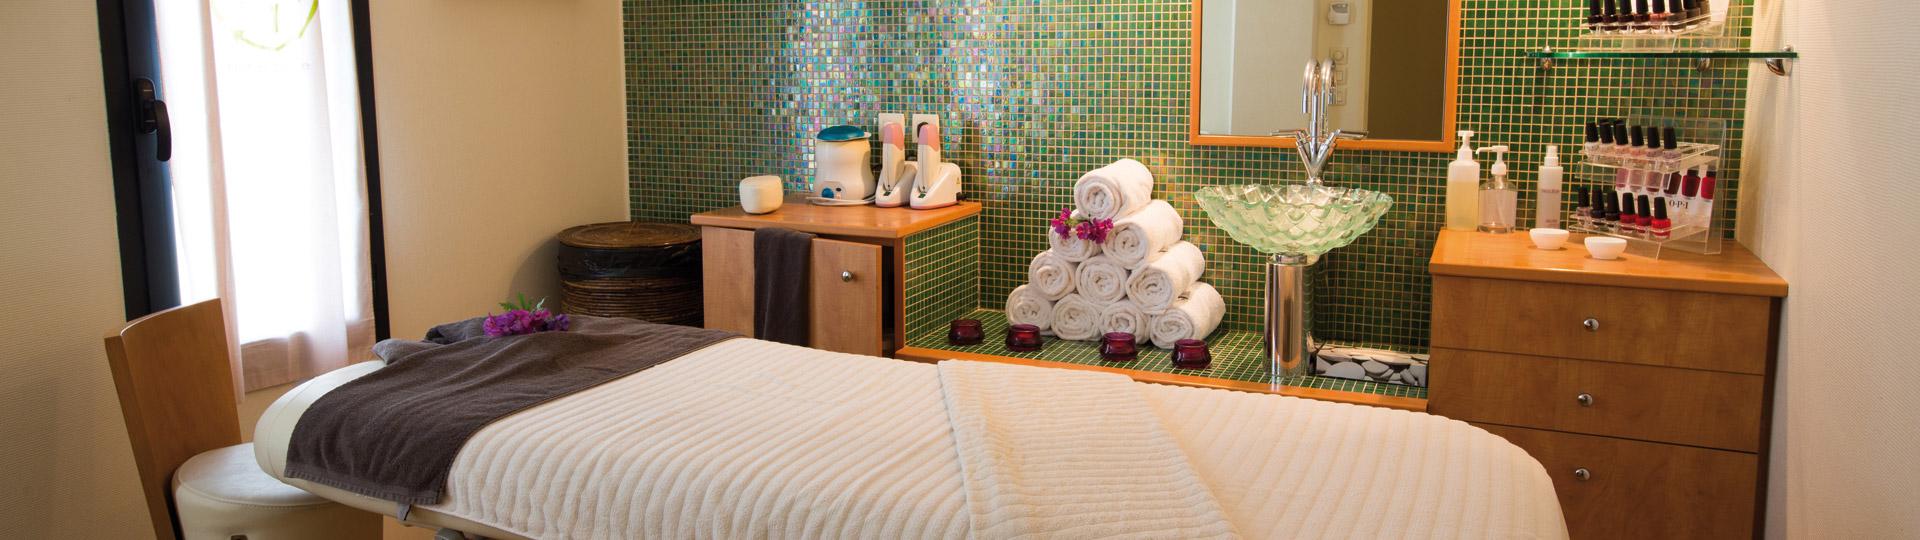 Hôtel spa avec 8 salles de soins